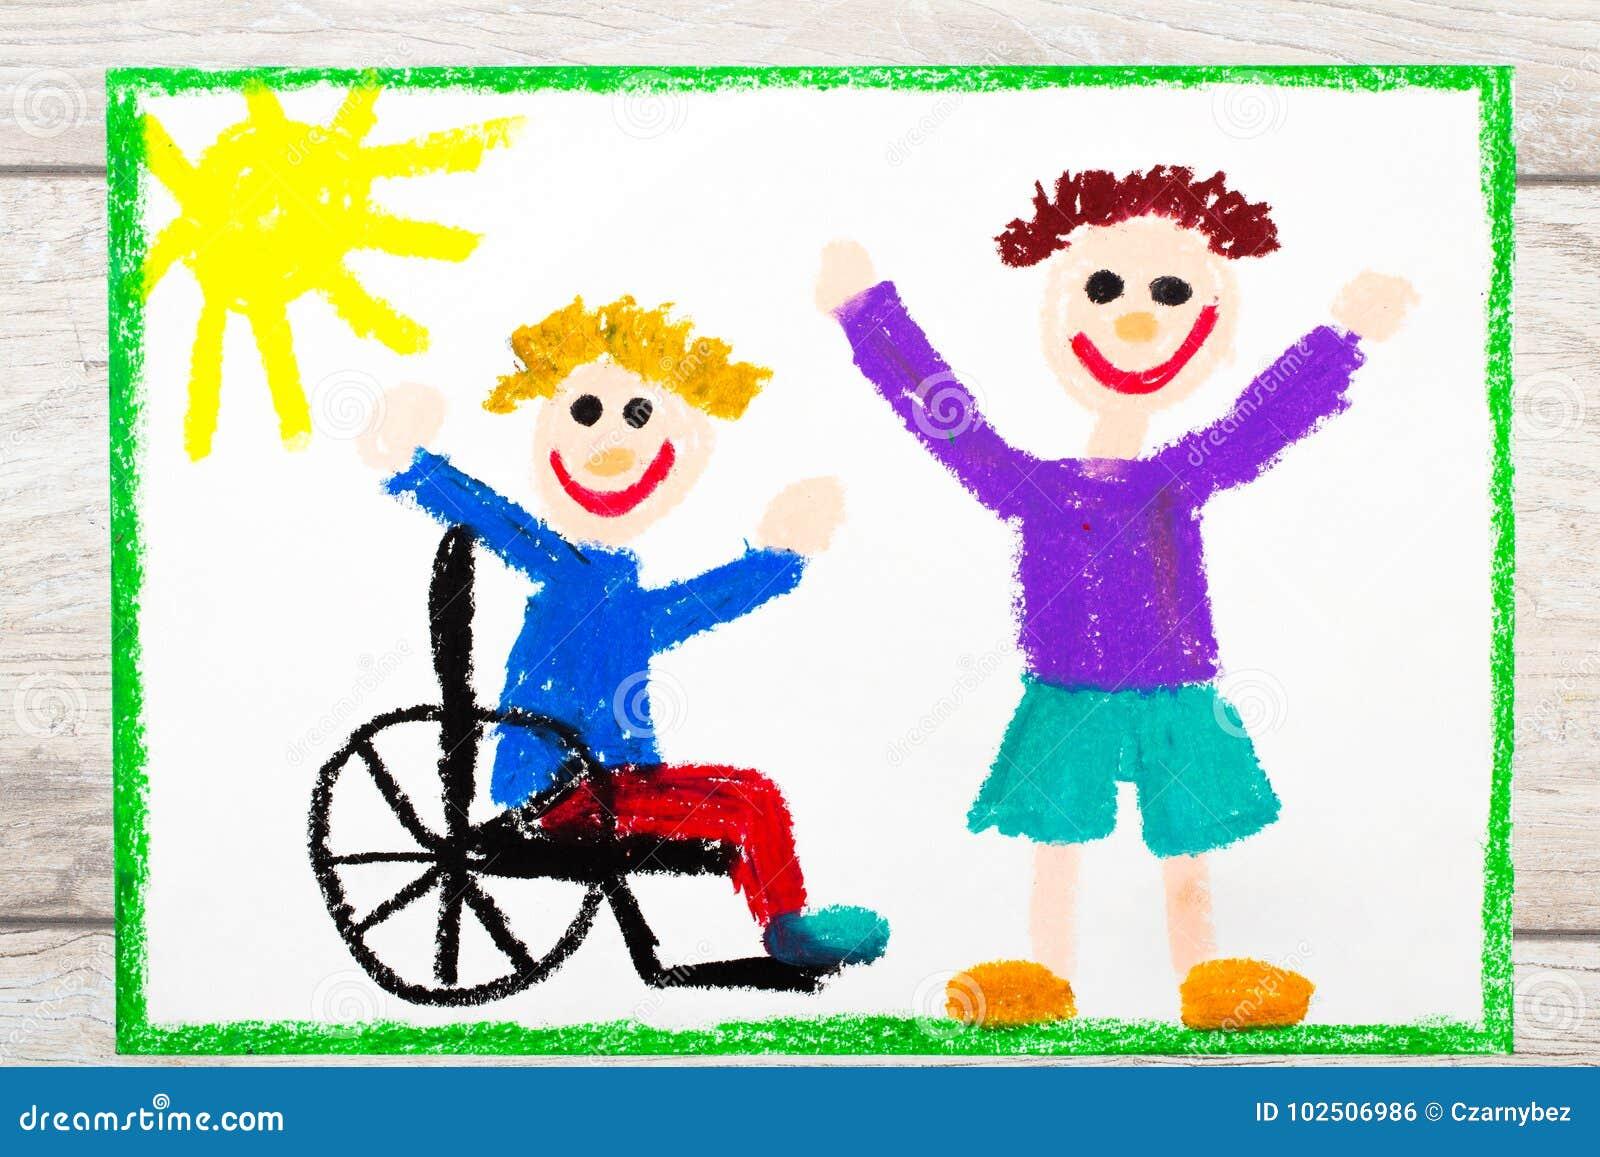 Zeichnen Lachelnder Junge Der Auf Seinem Rollstuhl Sitzt